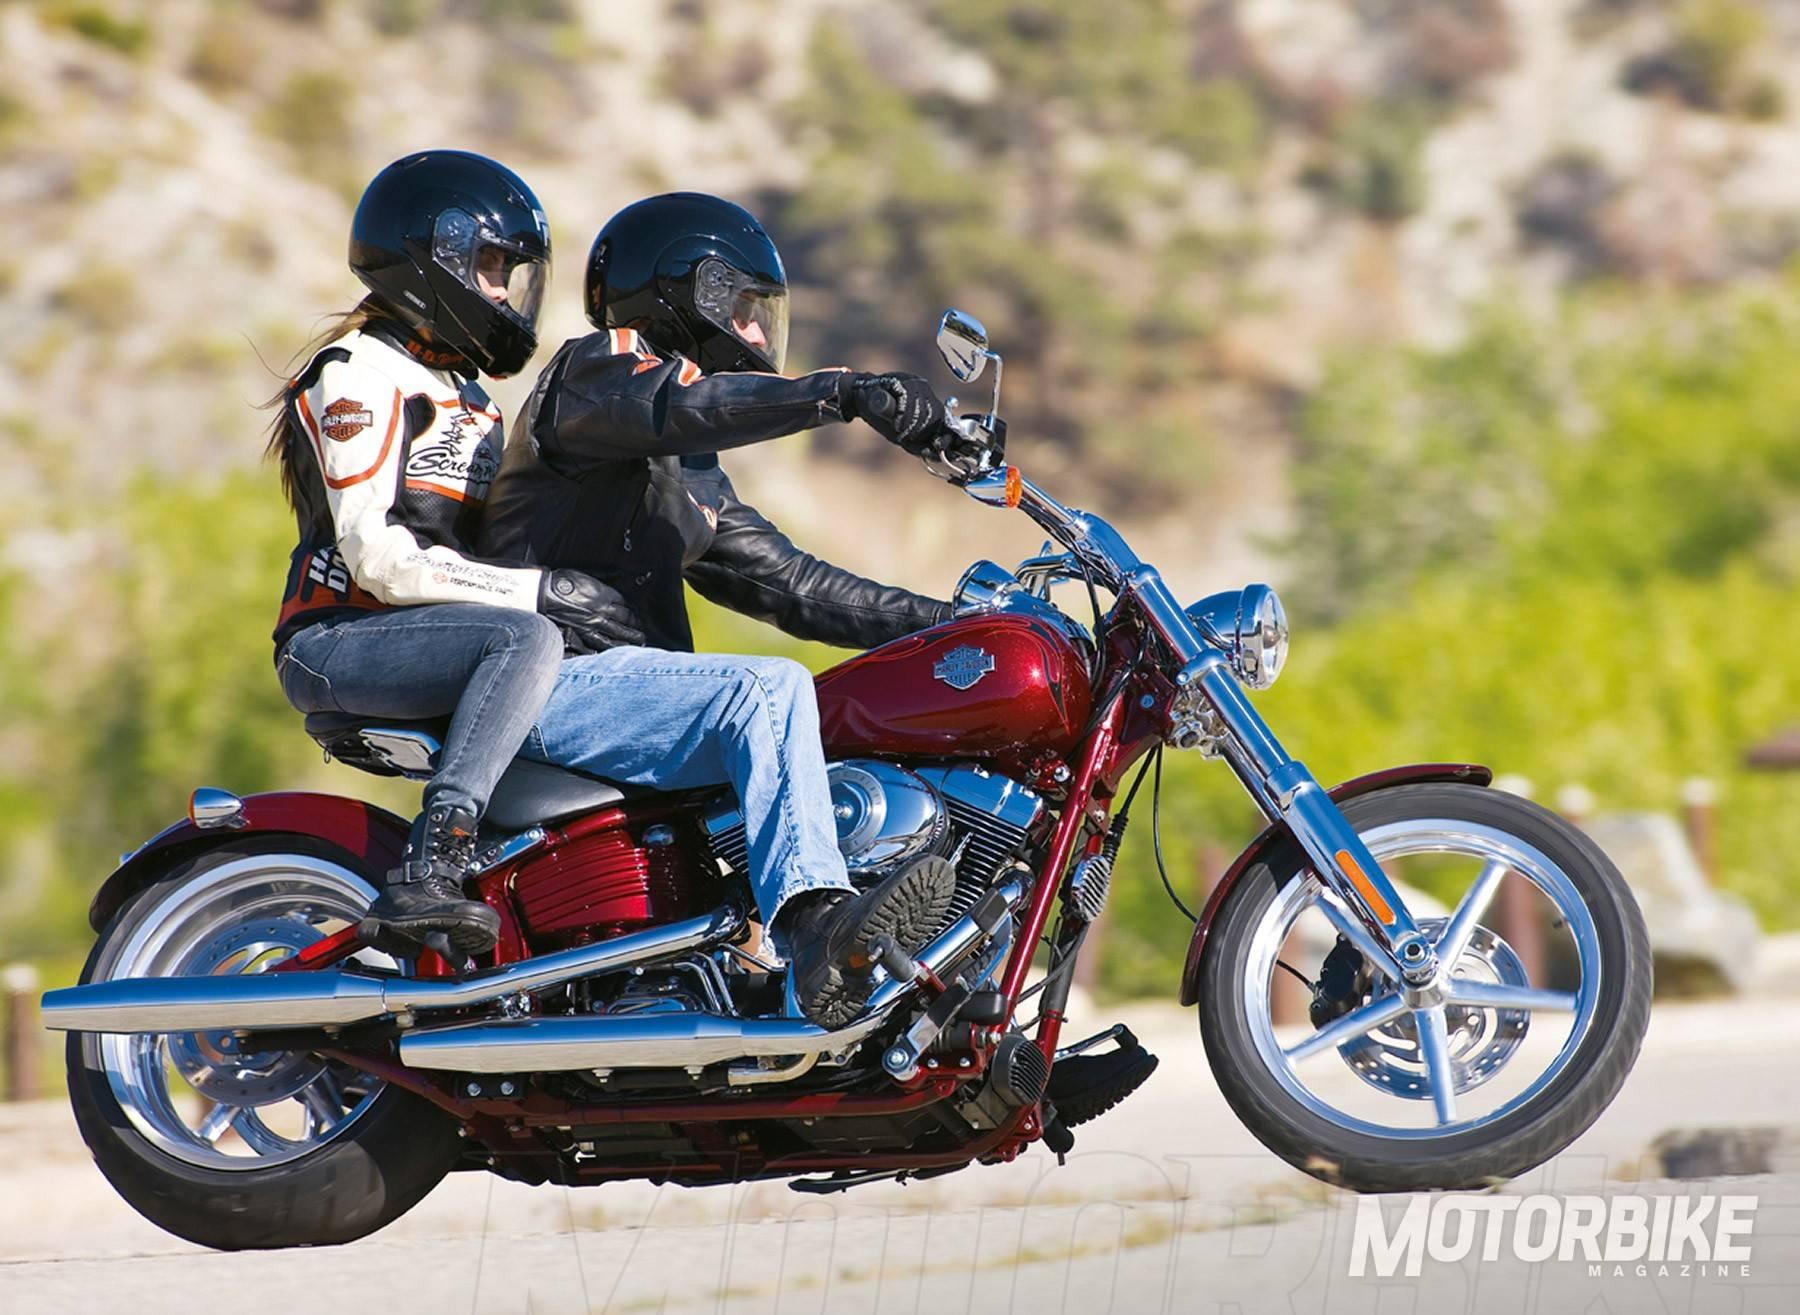 MBK - pasajeros-niñosmo-en-moto-43